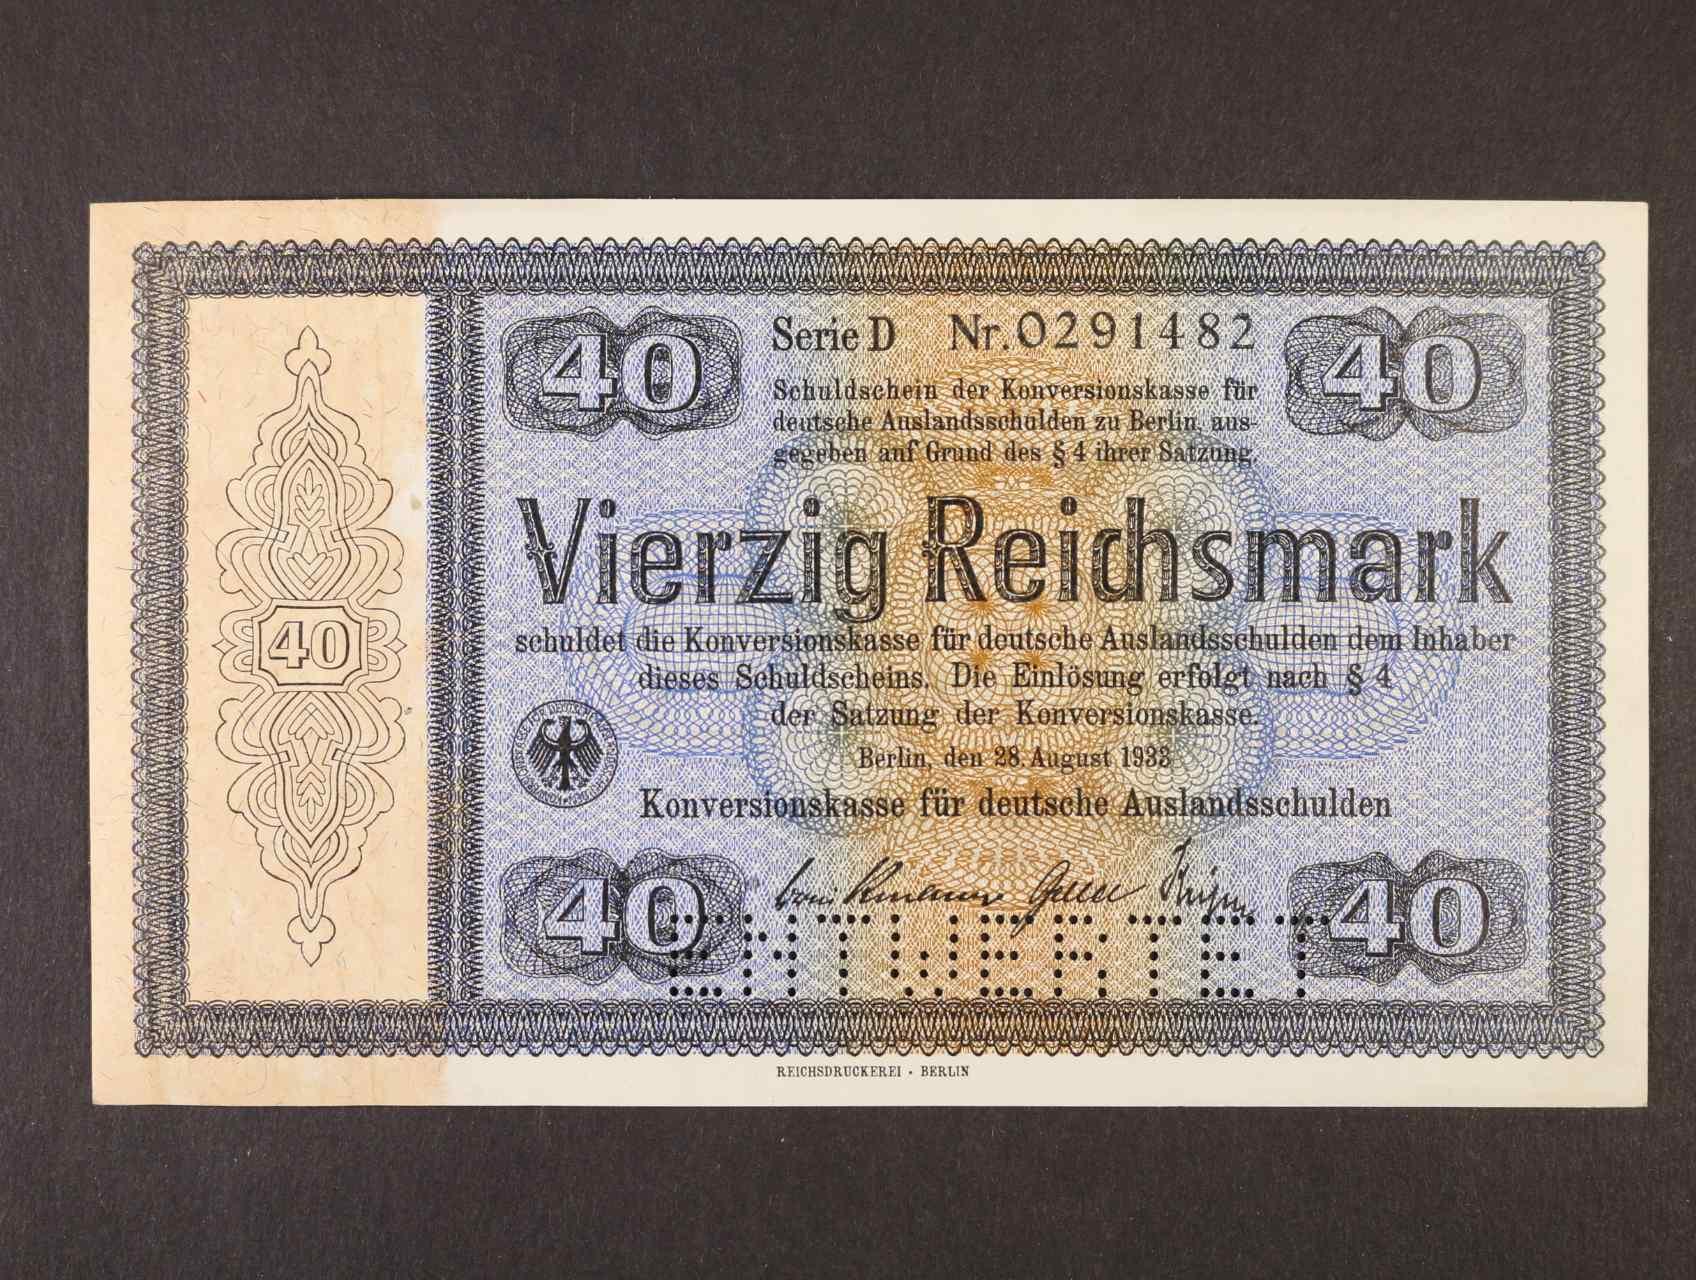 40 RM 28.8.1933 série D Konversionskassenschein, perforace ENTWERTET, Ro. 703E1